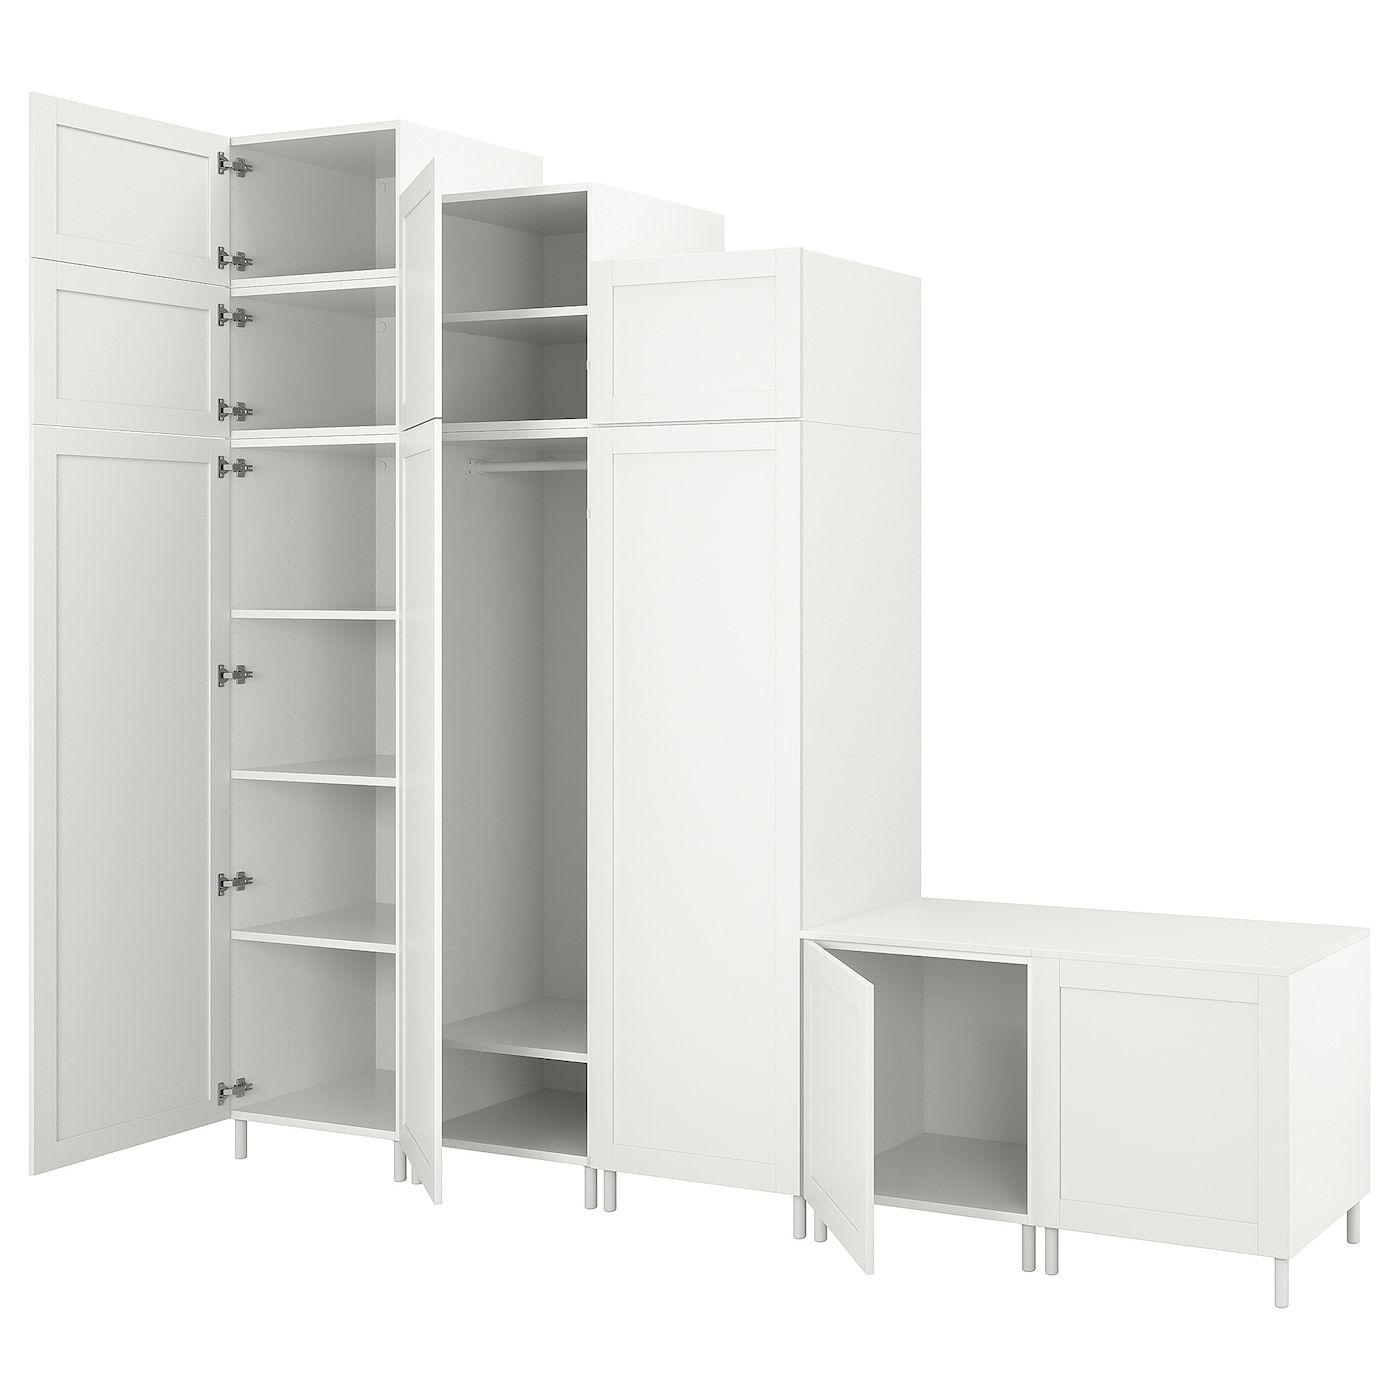 PLATSA Armario 9 puertas, blanco Sannidal, blanco IKEA